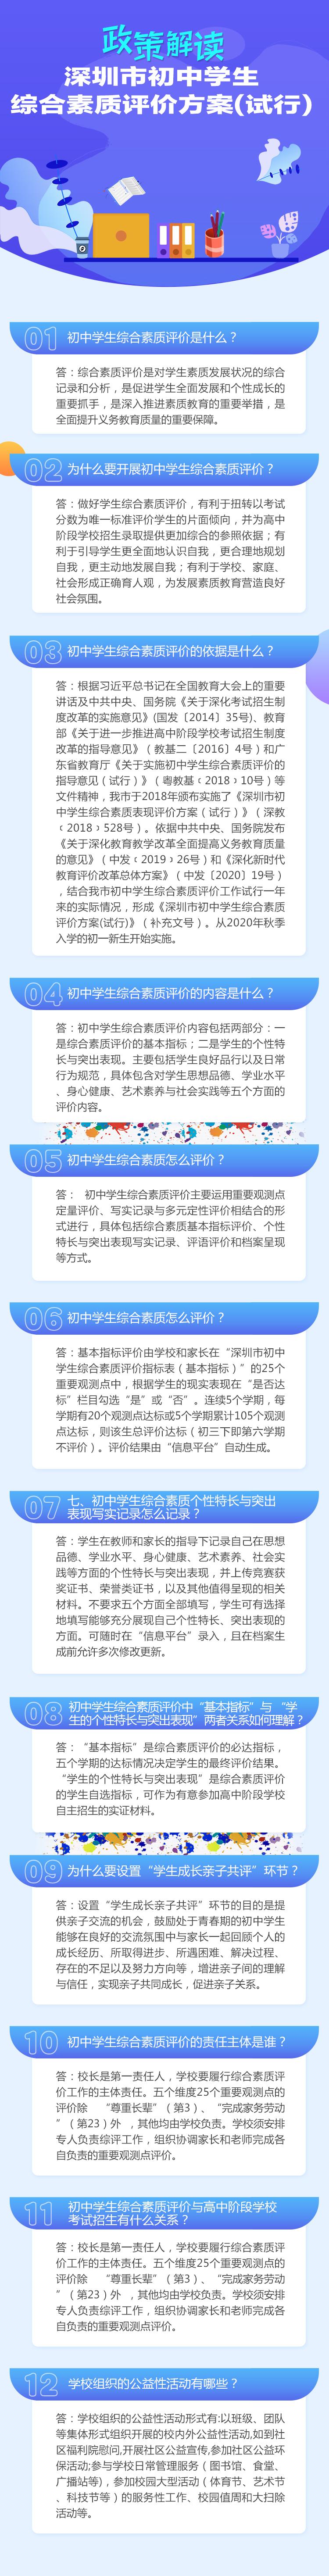 教育局初中综评解读长图.jpg